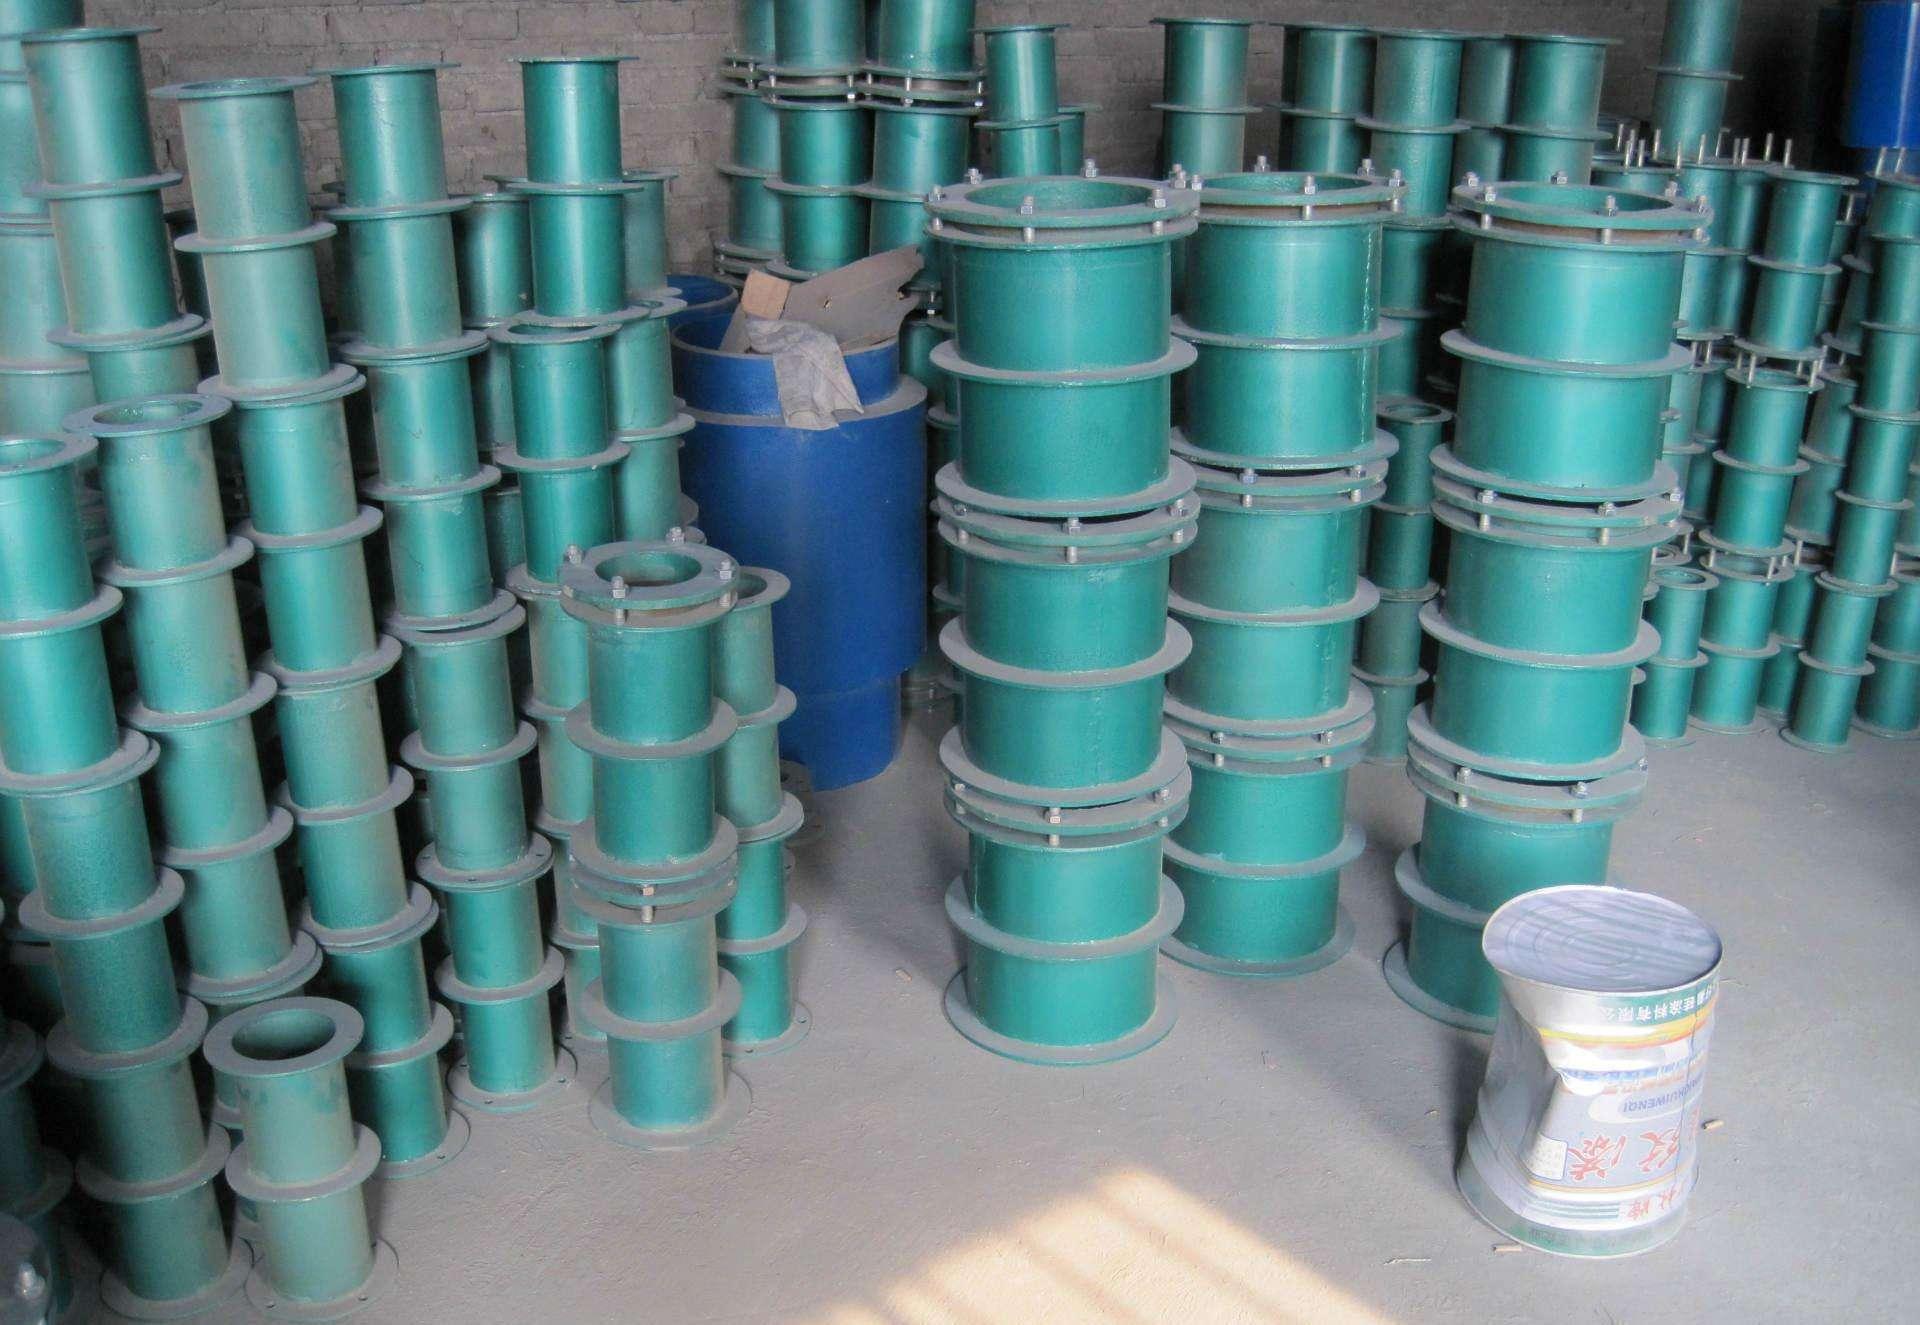 红河哈尼族彝族自治州柔性防水套管,红河哈尼族彝族自治州柔性防水套管厂家,柔性防水套管